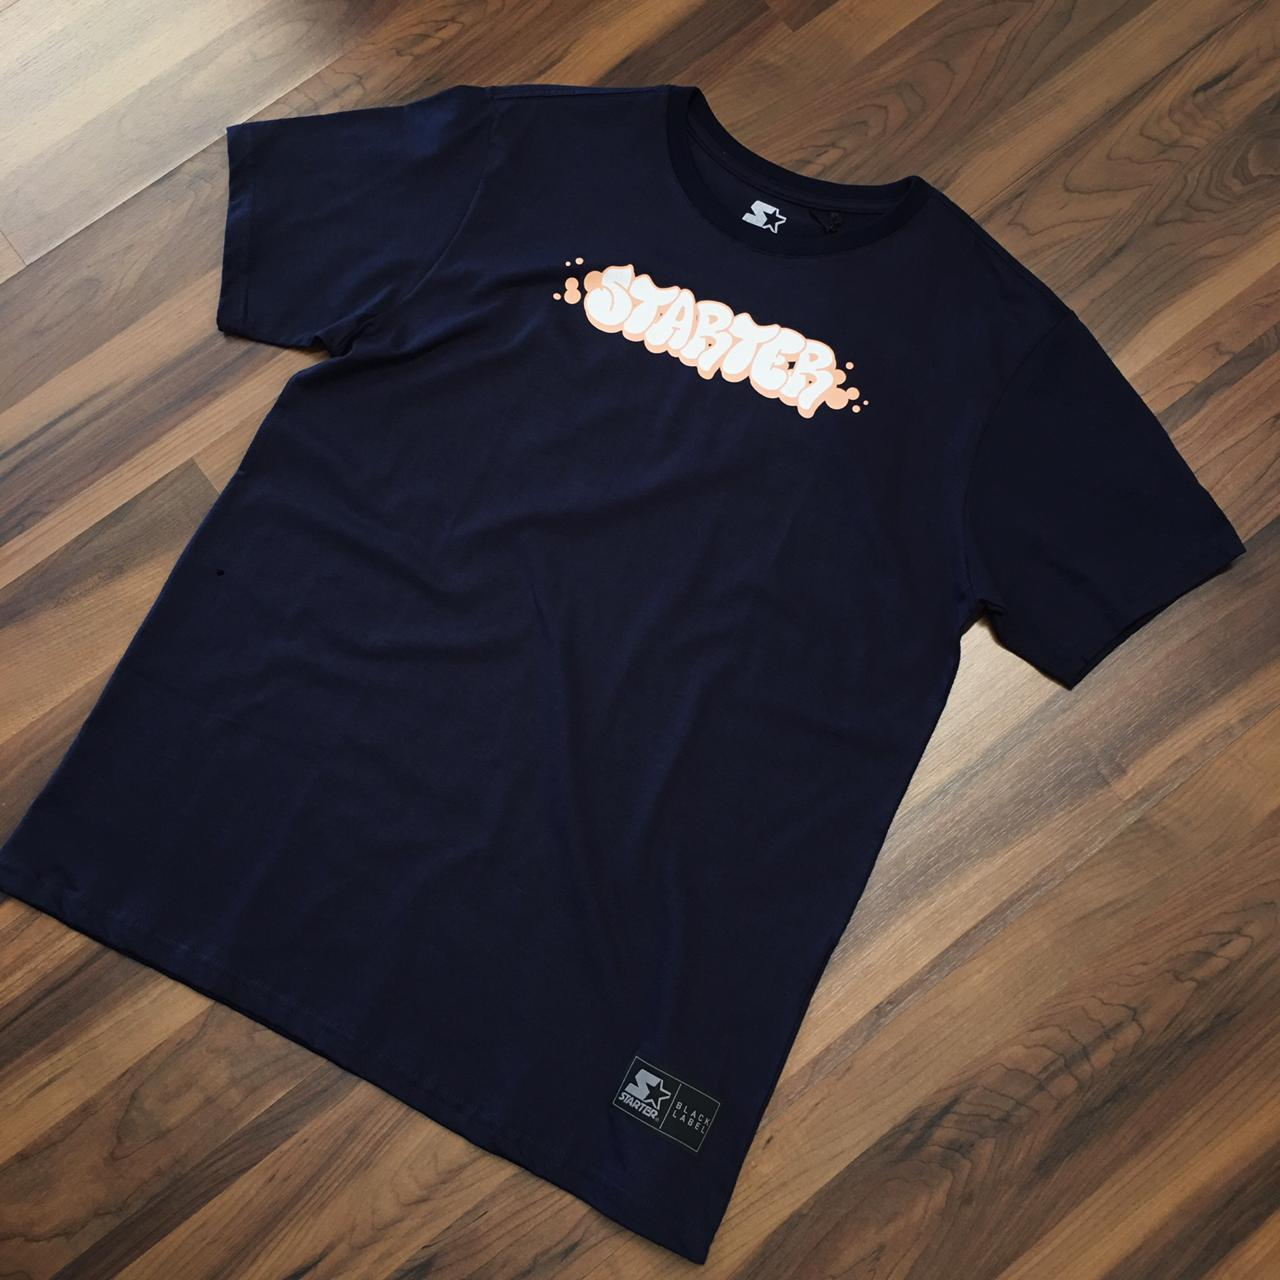 Camiseta Starter Bomb